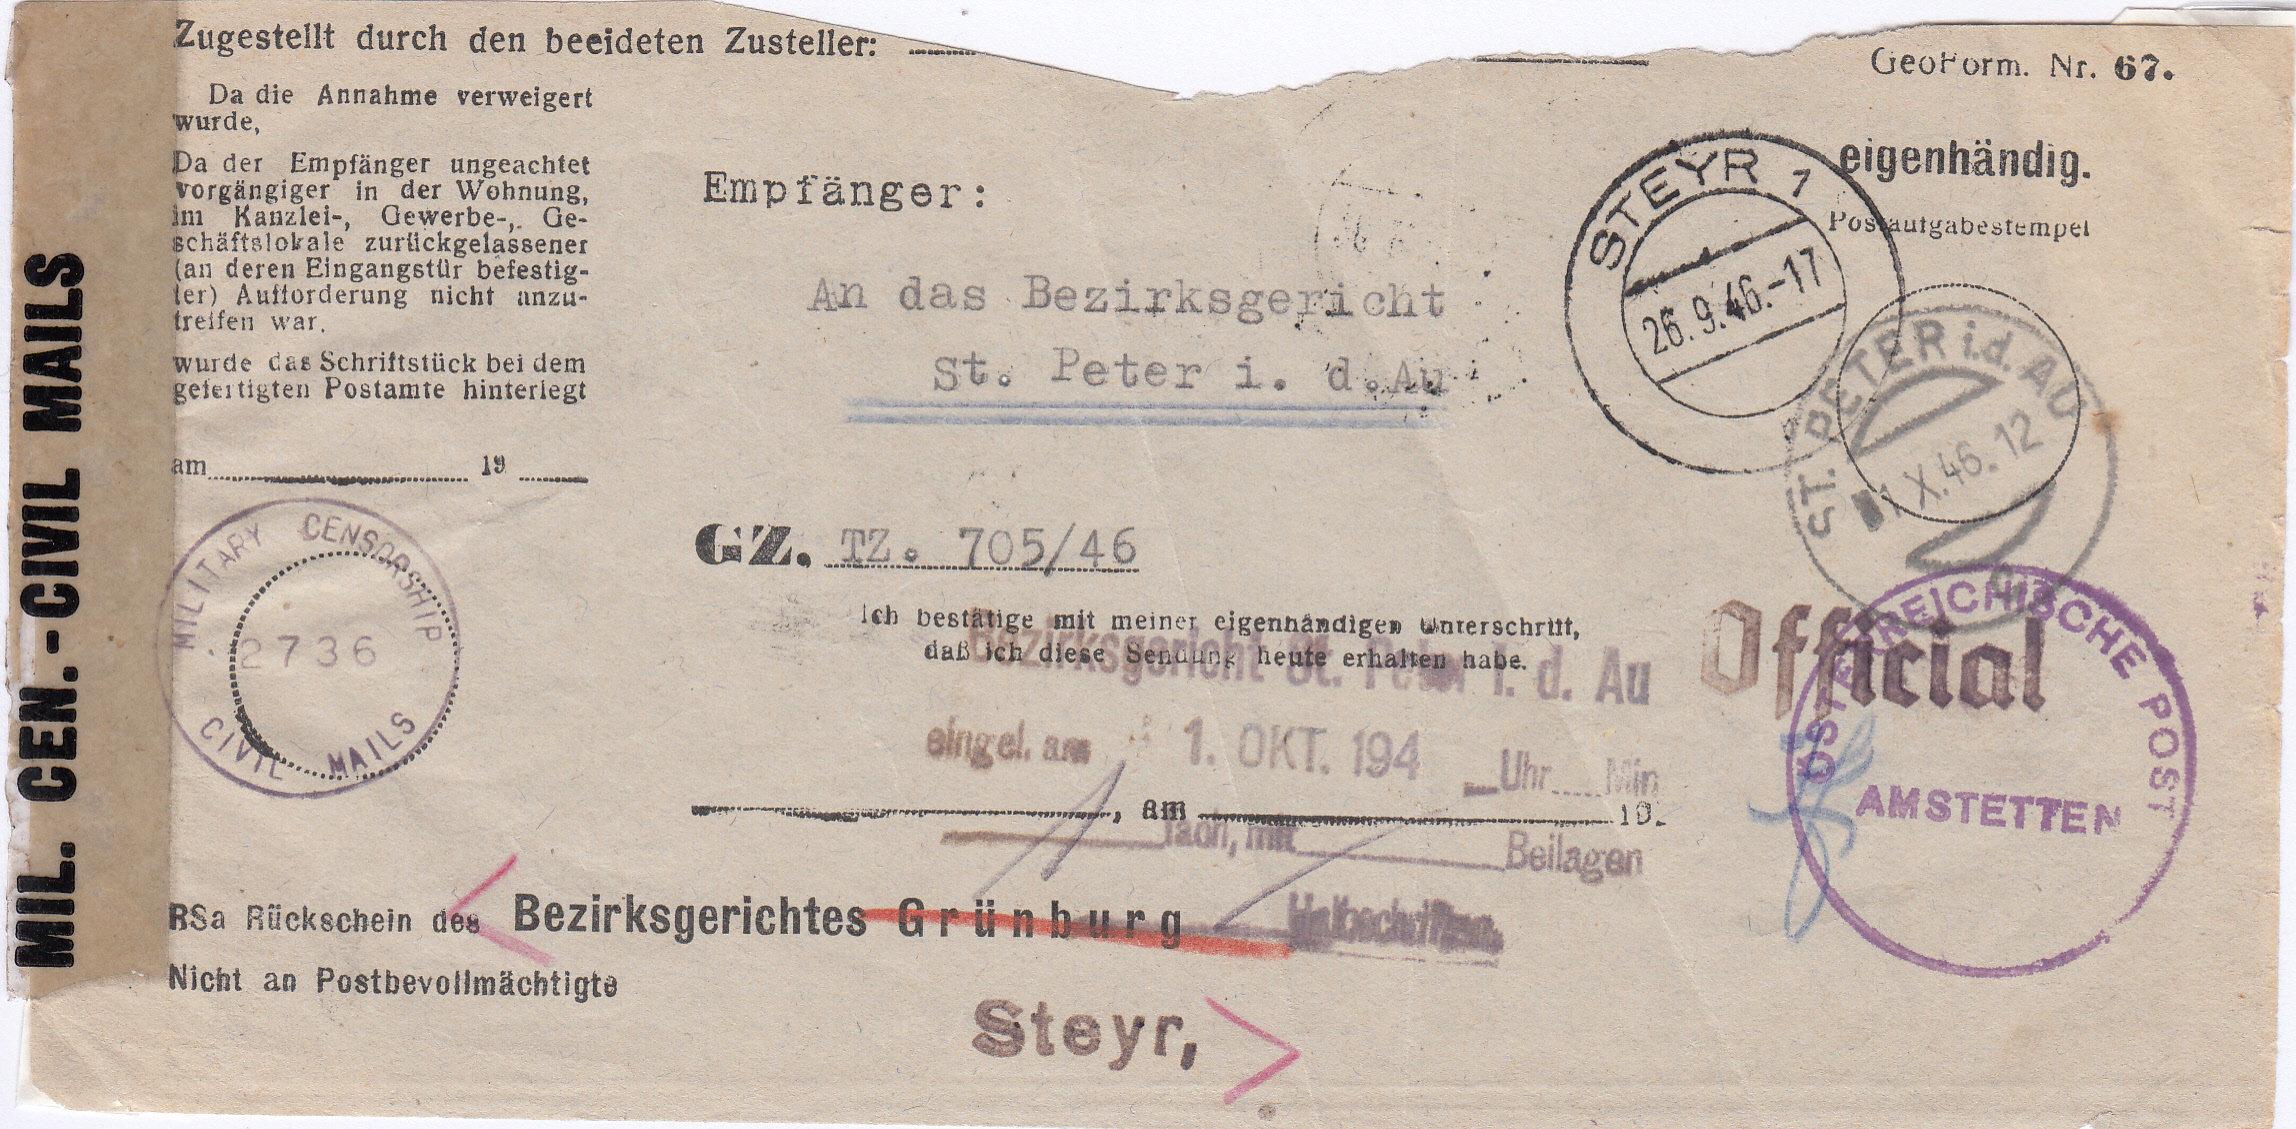 Rückschein Briefe von Gerichten 1946 Img257